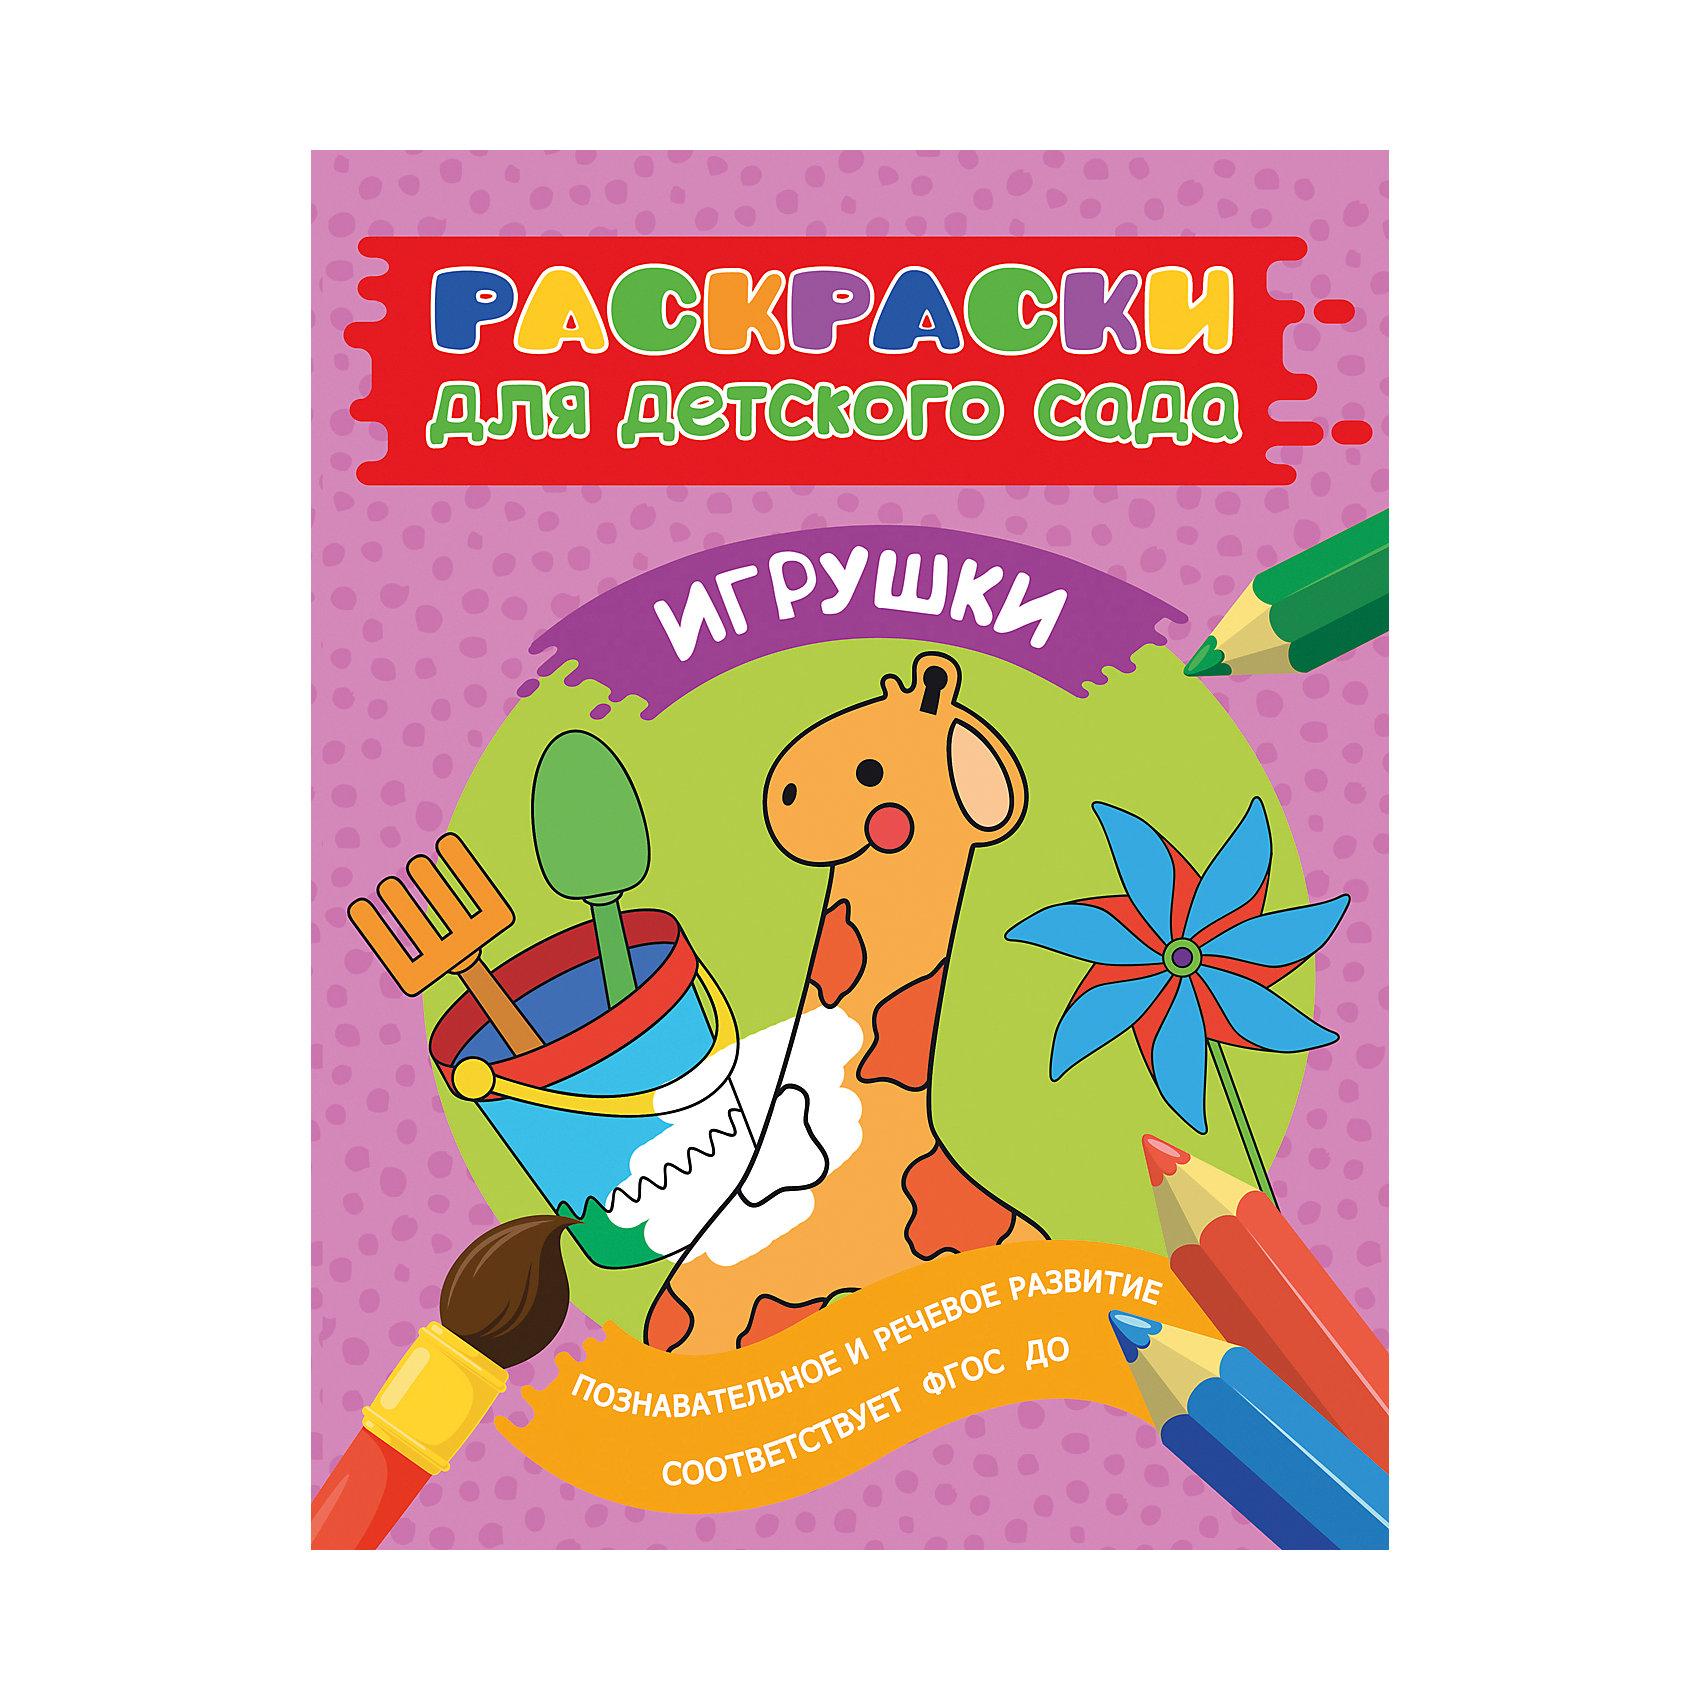 Раскраска ИгрушкиРосмэн<br>Тематические раскраски для детского сада - это специальная серия, которую можно использовать как в группах детского сада, так и для самостоятельных занятий с ребенком дома.&#13;<br>Каждая развивающая тетрадь-раскраска посвящена одной их основных познавательных тем, изучаемых в детском саду.&#13;<br>На каждой странице предлагаются развивающие вопросы, которые мама или педагог могут задать ребенку, пока он занимается раскрашиванием.&#13;<br>Знакомство с изображениями и ответы на вопросы помогут развить ребенка в основных образовательных областях:&#13;<br>- Социально-коммуникативное развитие&#13;<br>- Познавательное развитие&#13;<br>- Речевое развитие&#13;<br>- Художественно-эстетическое развитие<br><br>Ширина мм: 274<br>Глубина мм: 212<br>Высота мм: 30<br>Вес г: 130<br>Возраст от месяцев: -2147483648<br>Возраст до месяцев: 2147483647<br>Пол: Унисекс<br>Возраст: Детский<br>SKU: 5453635